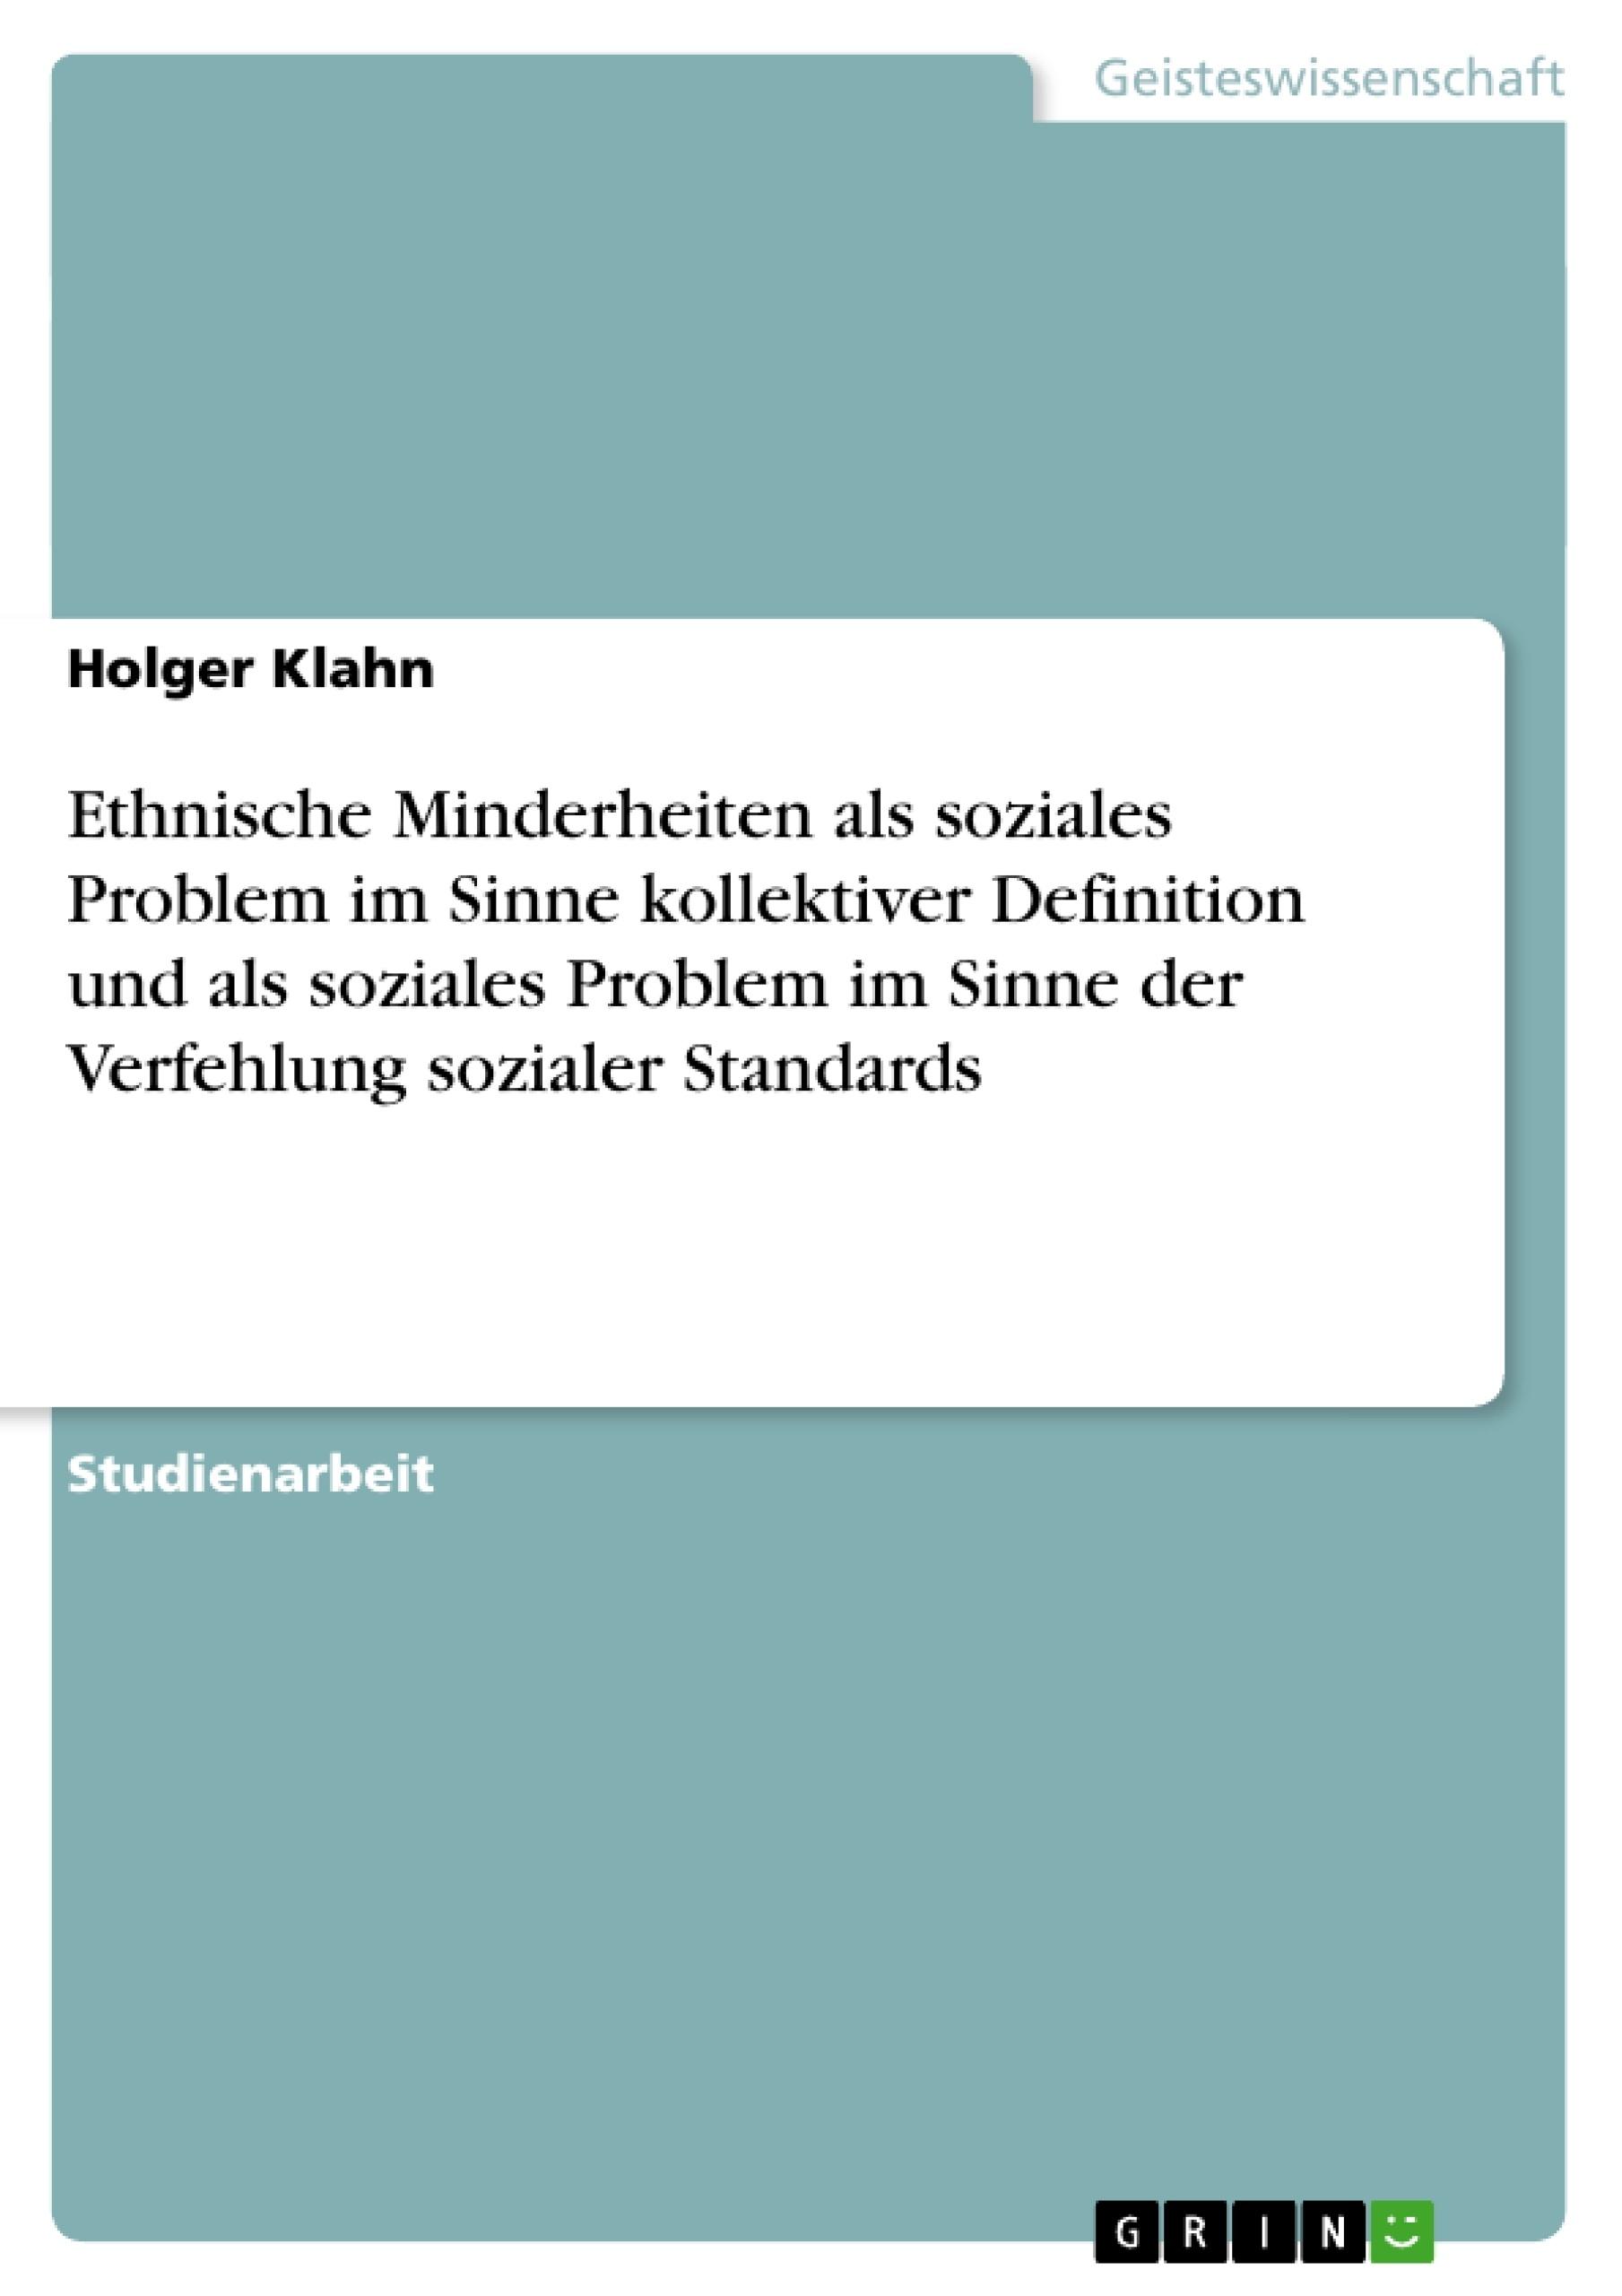 Titel: Ethnische Minderheiten als soziales Problem  im Sinne kollektiver Definition und als soziales Problem im Sinne der Verfehlung sozialer Standards